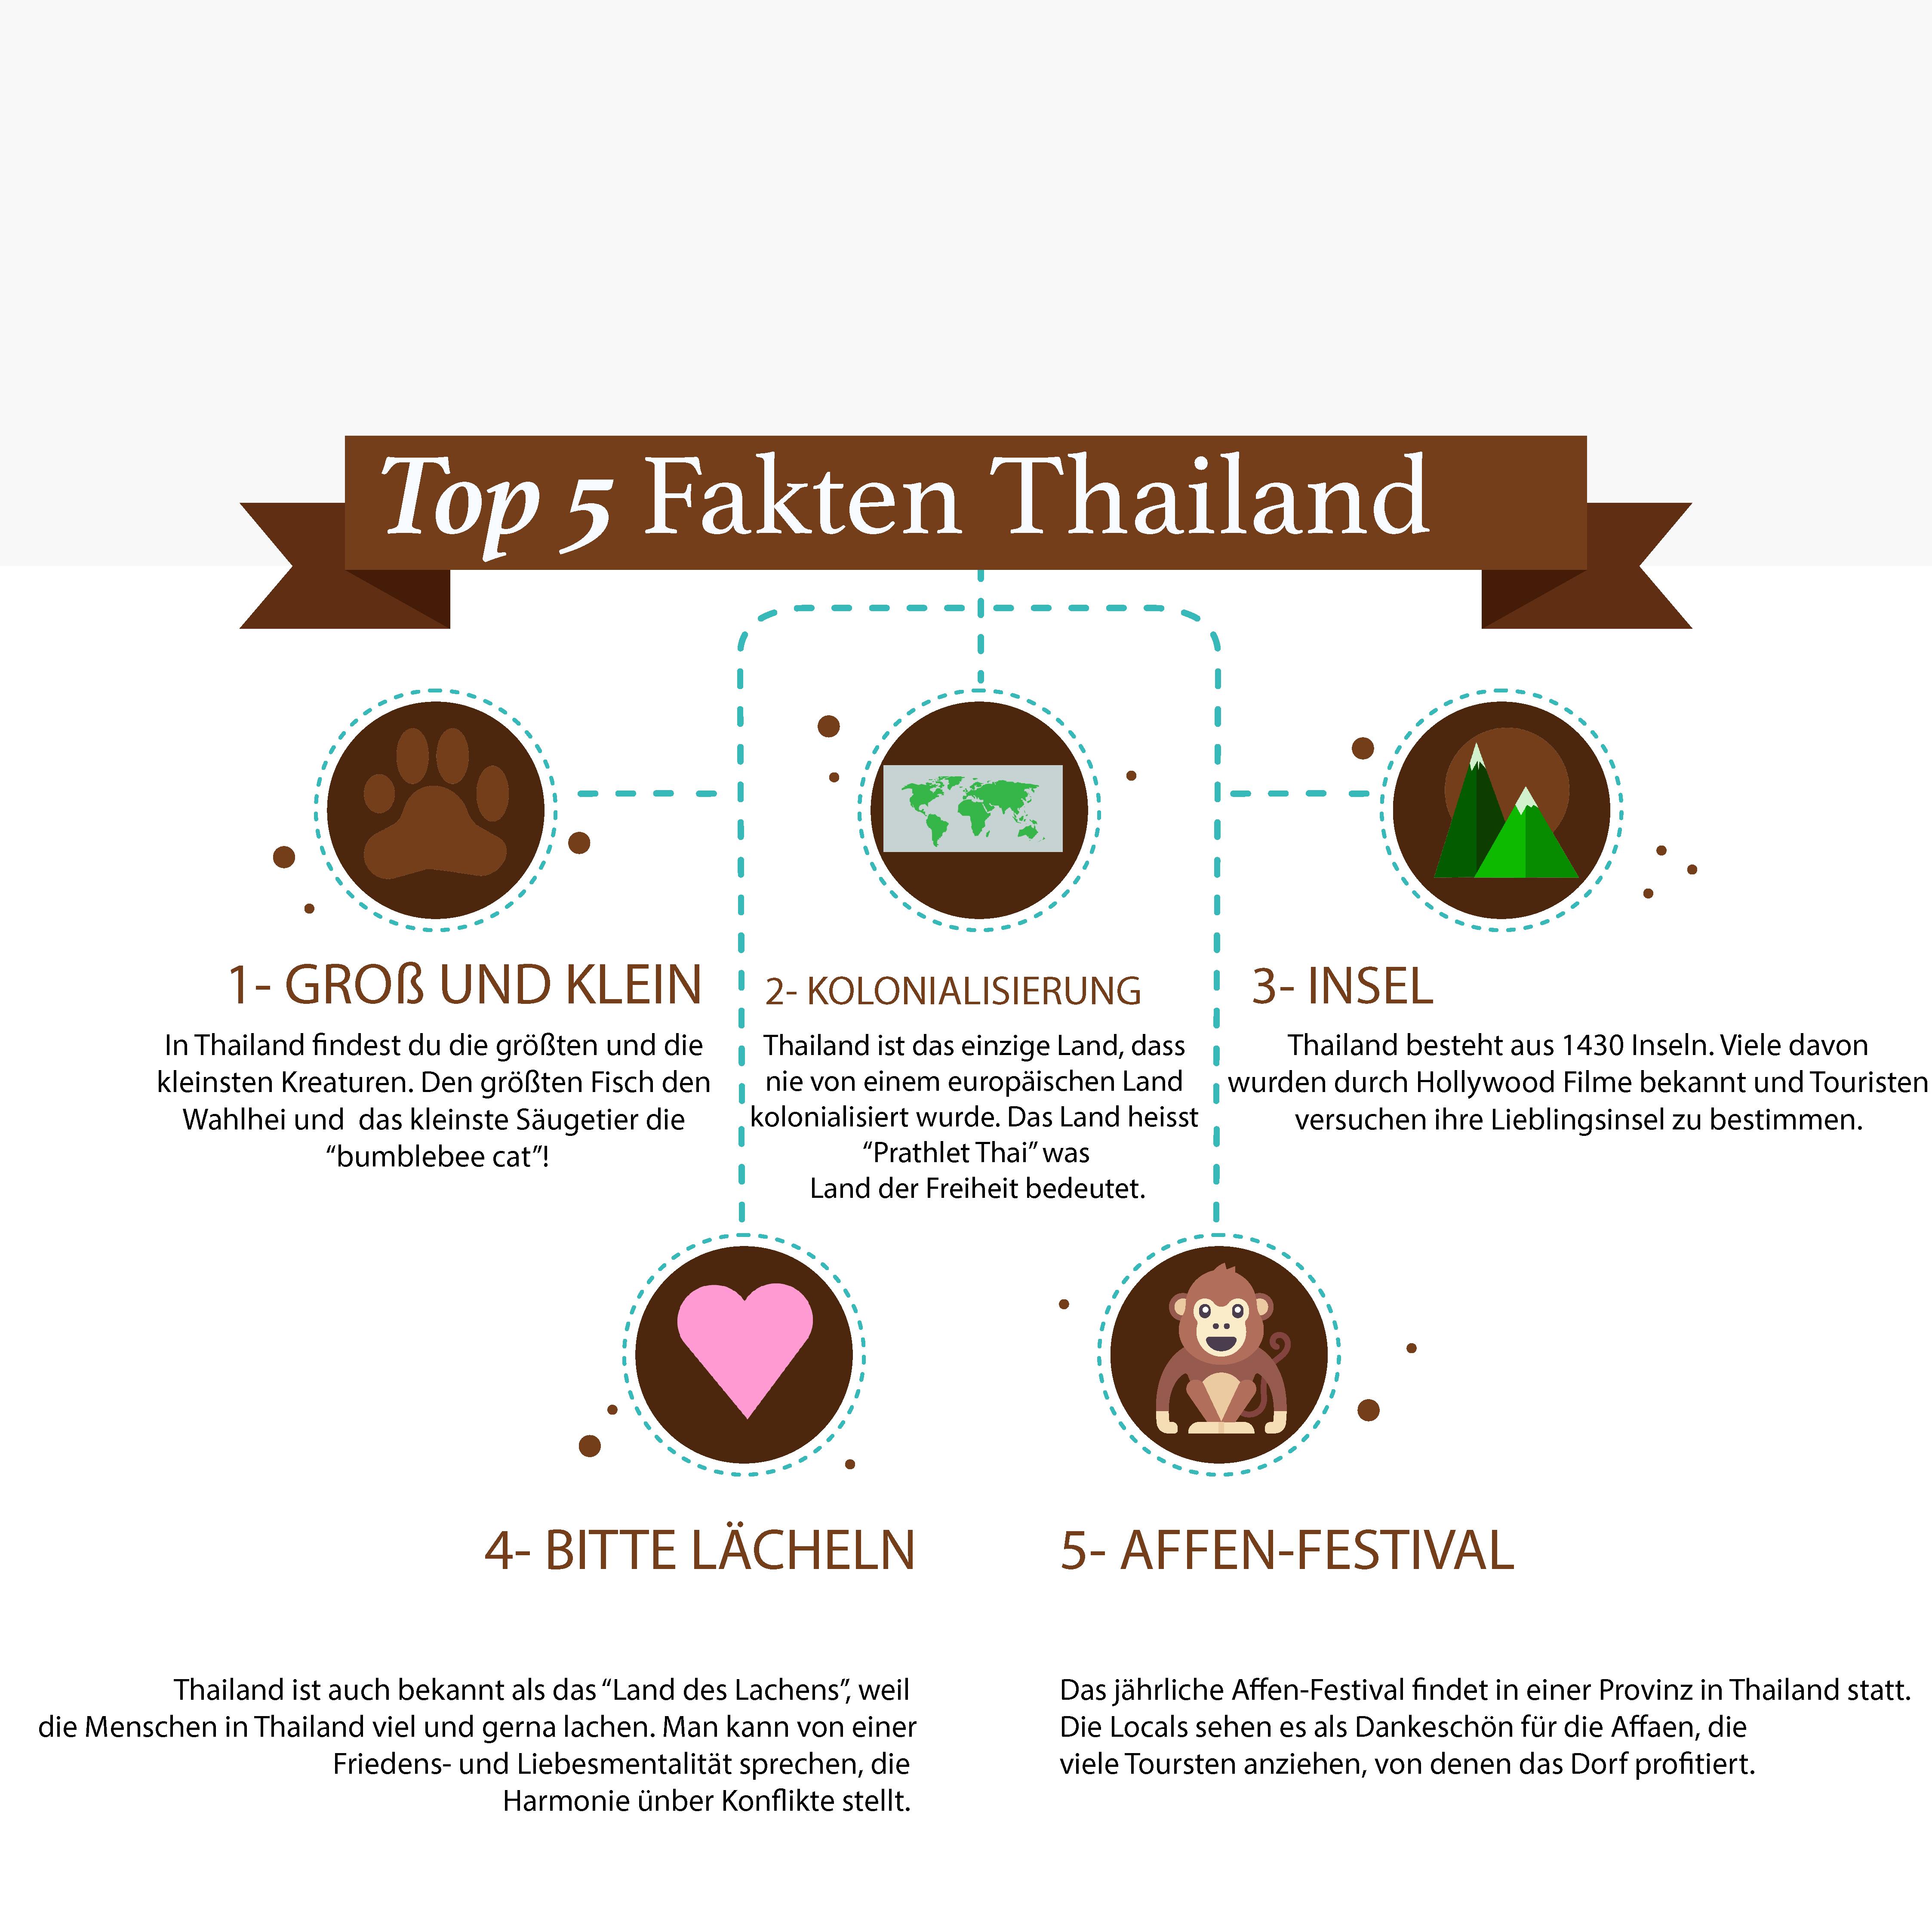 Top 5 Fakten Thailand